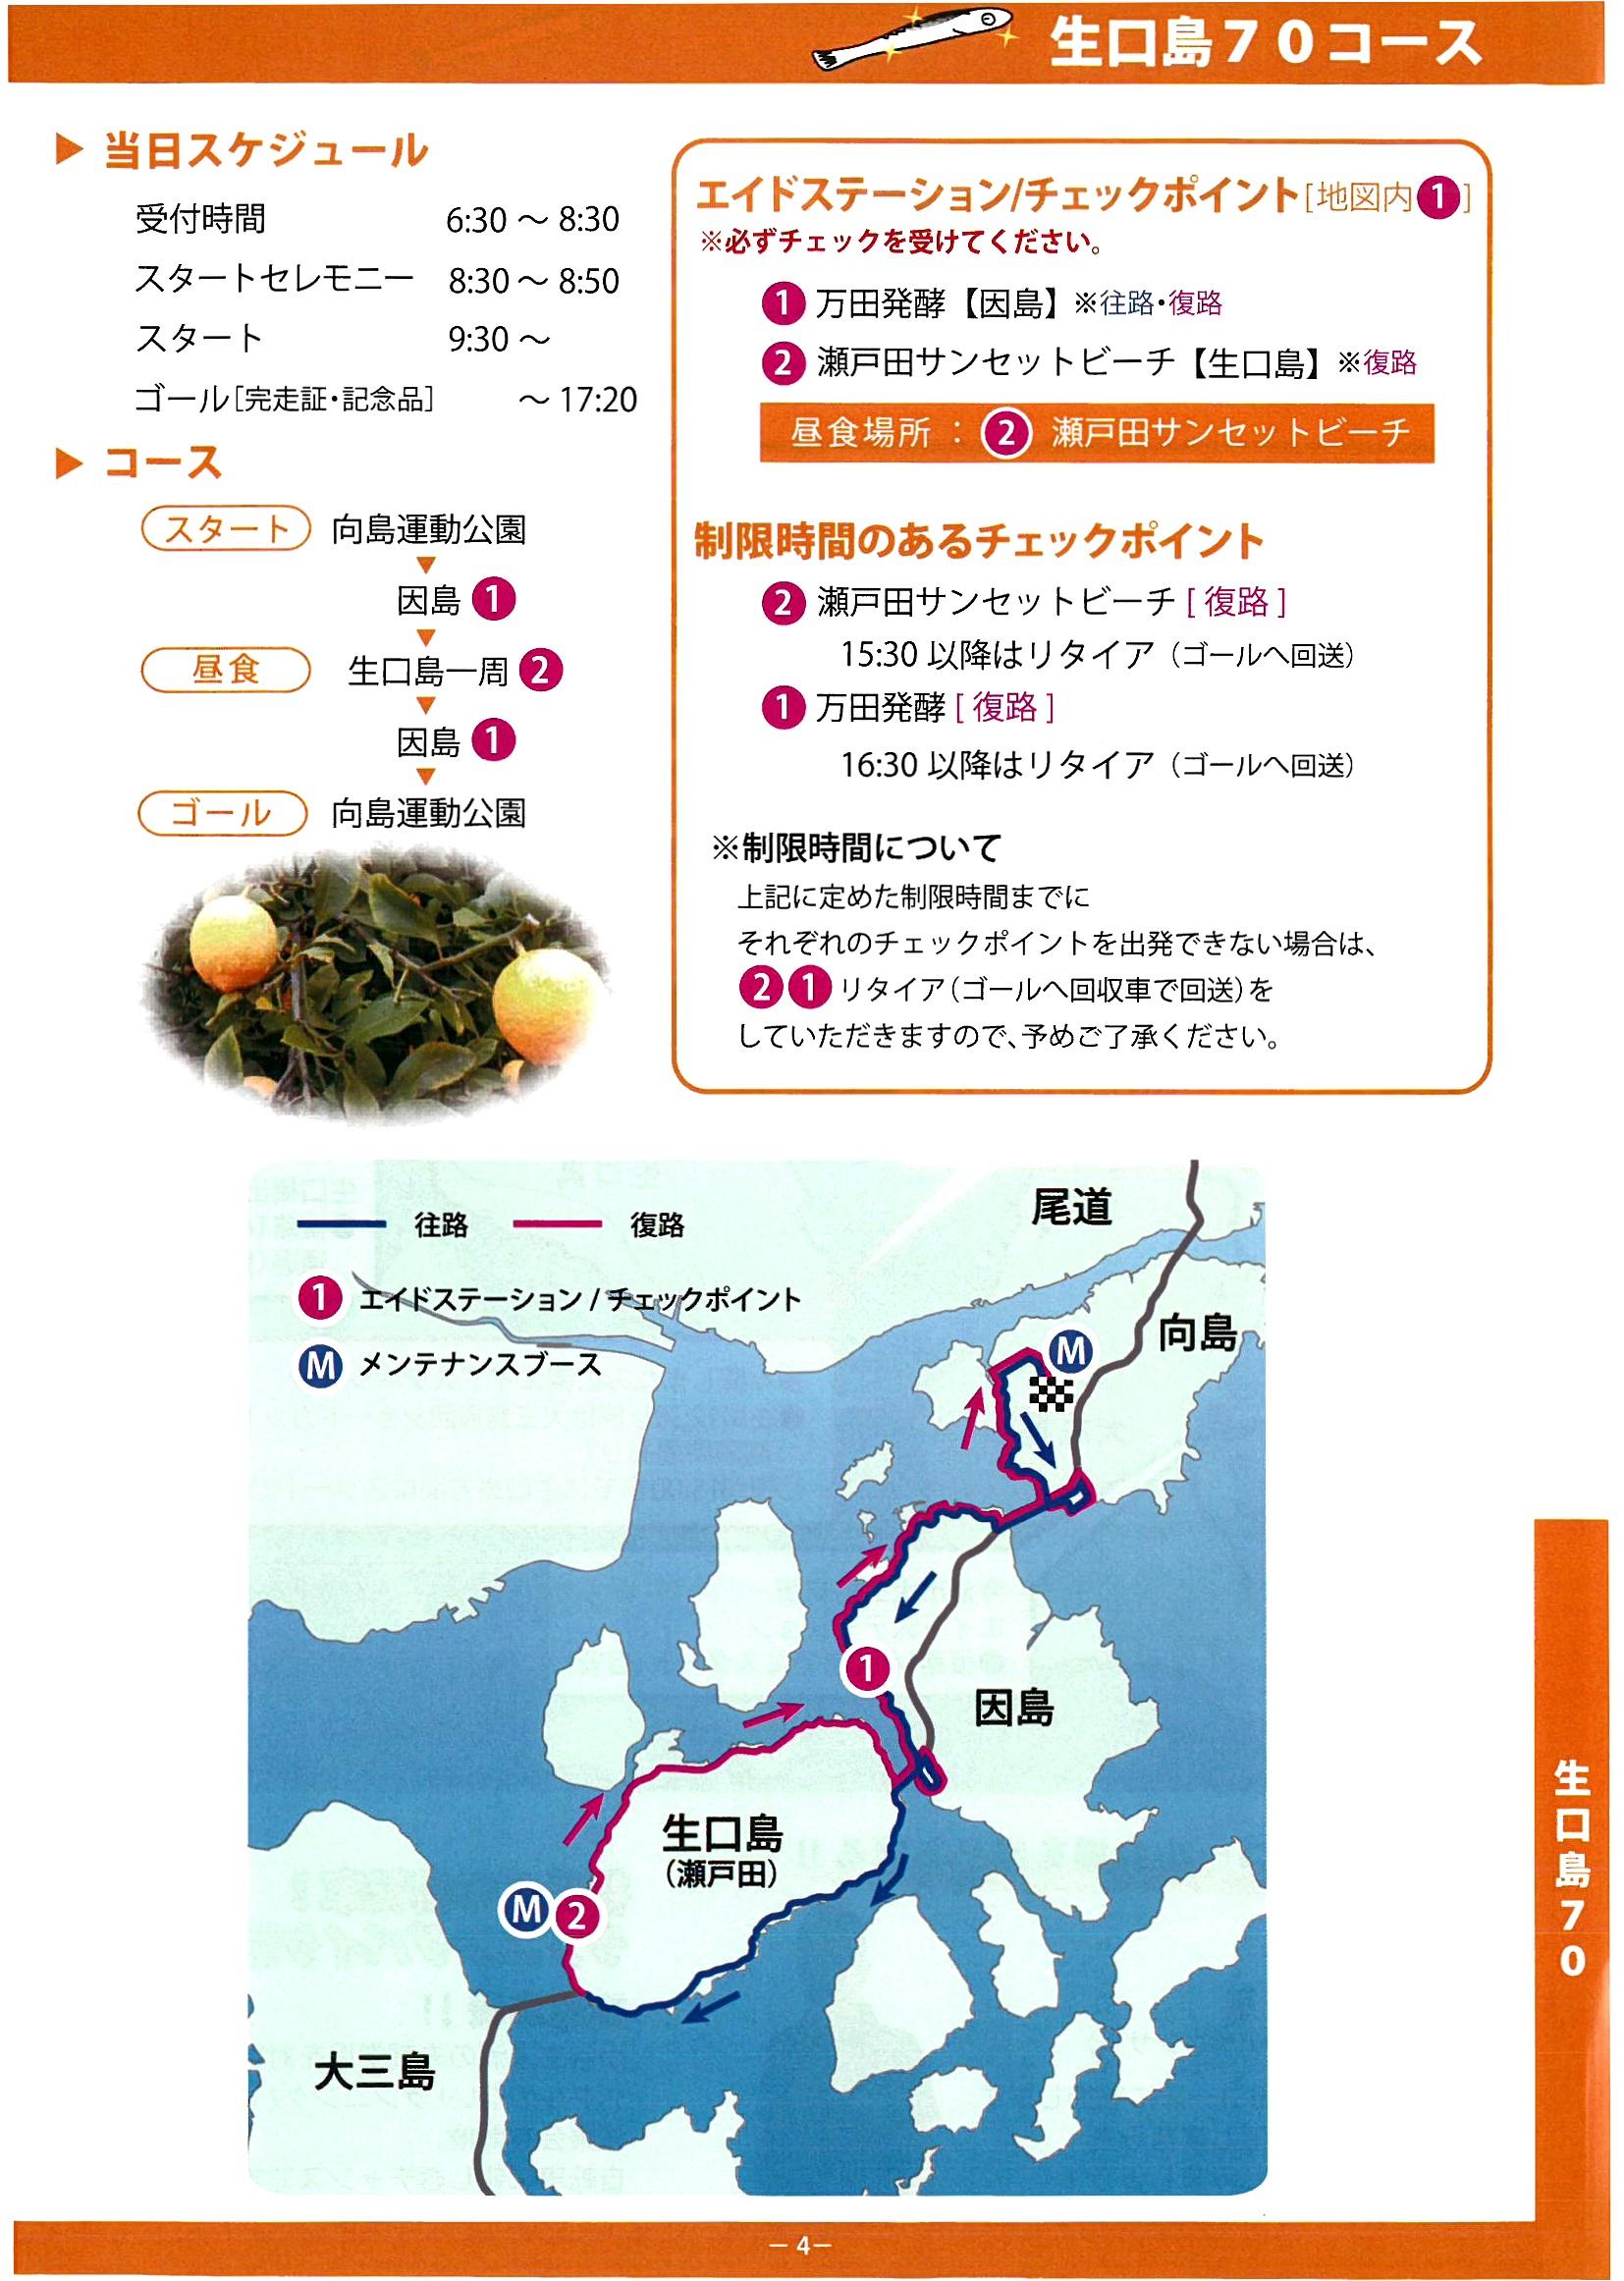 「銀パラ2015」参加者ガイドブック 04